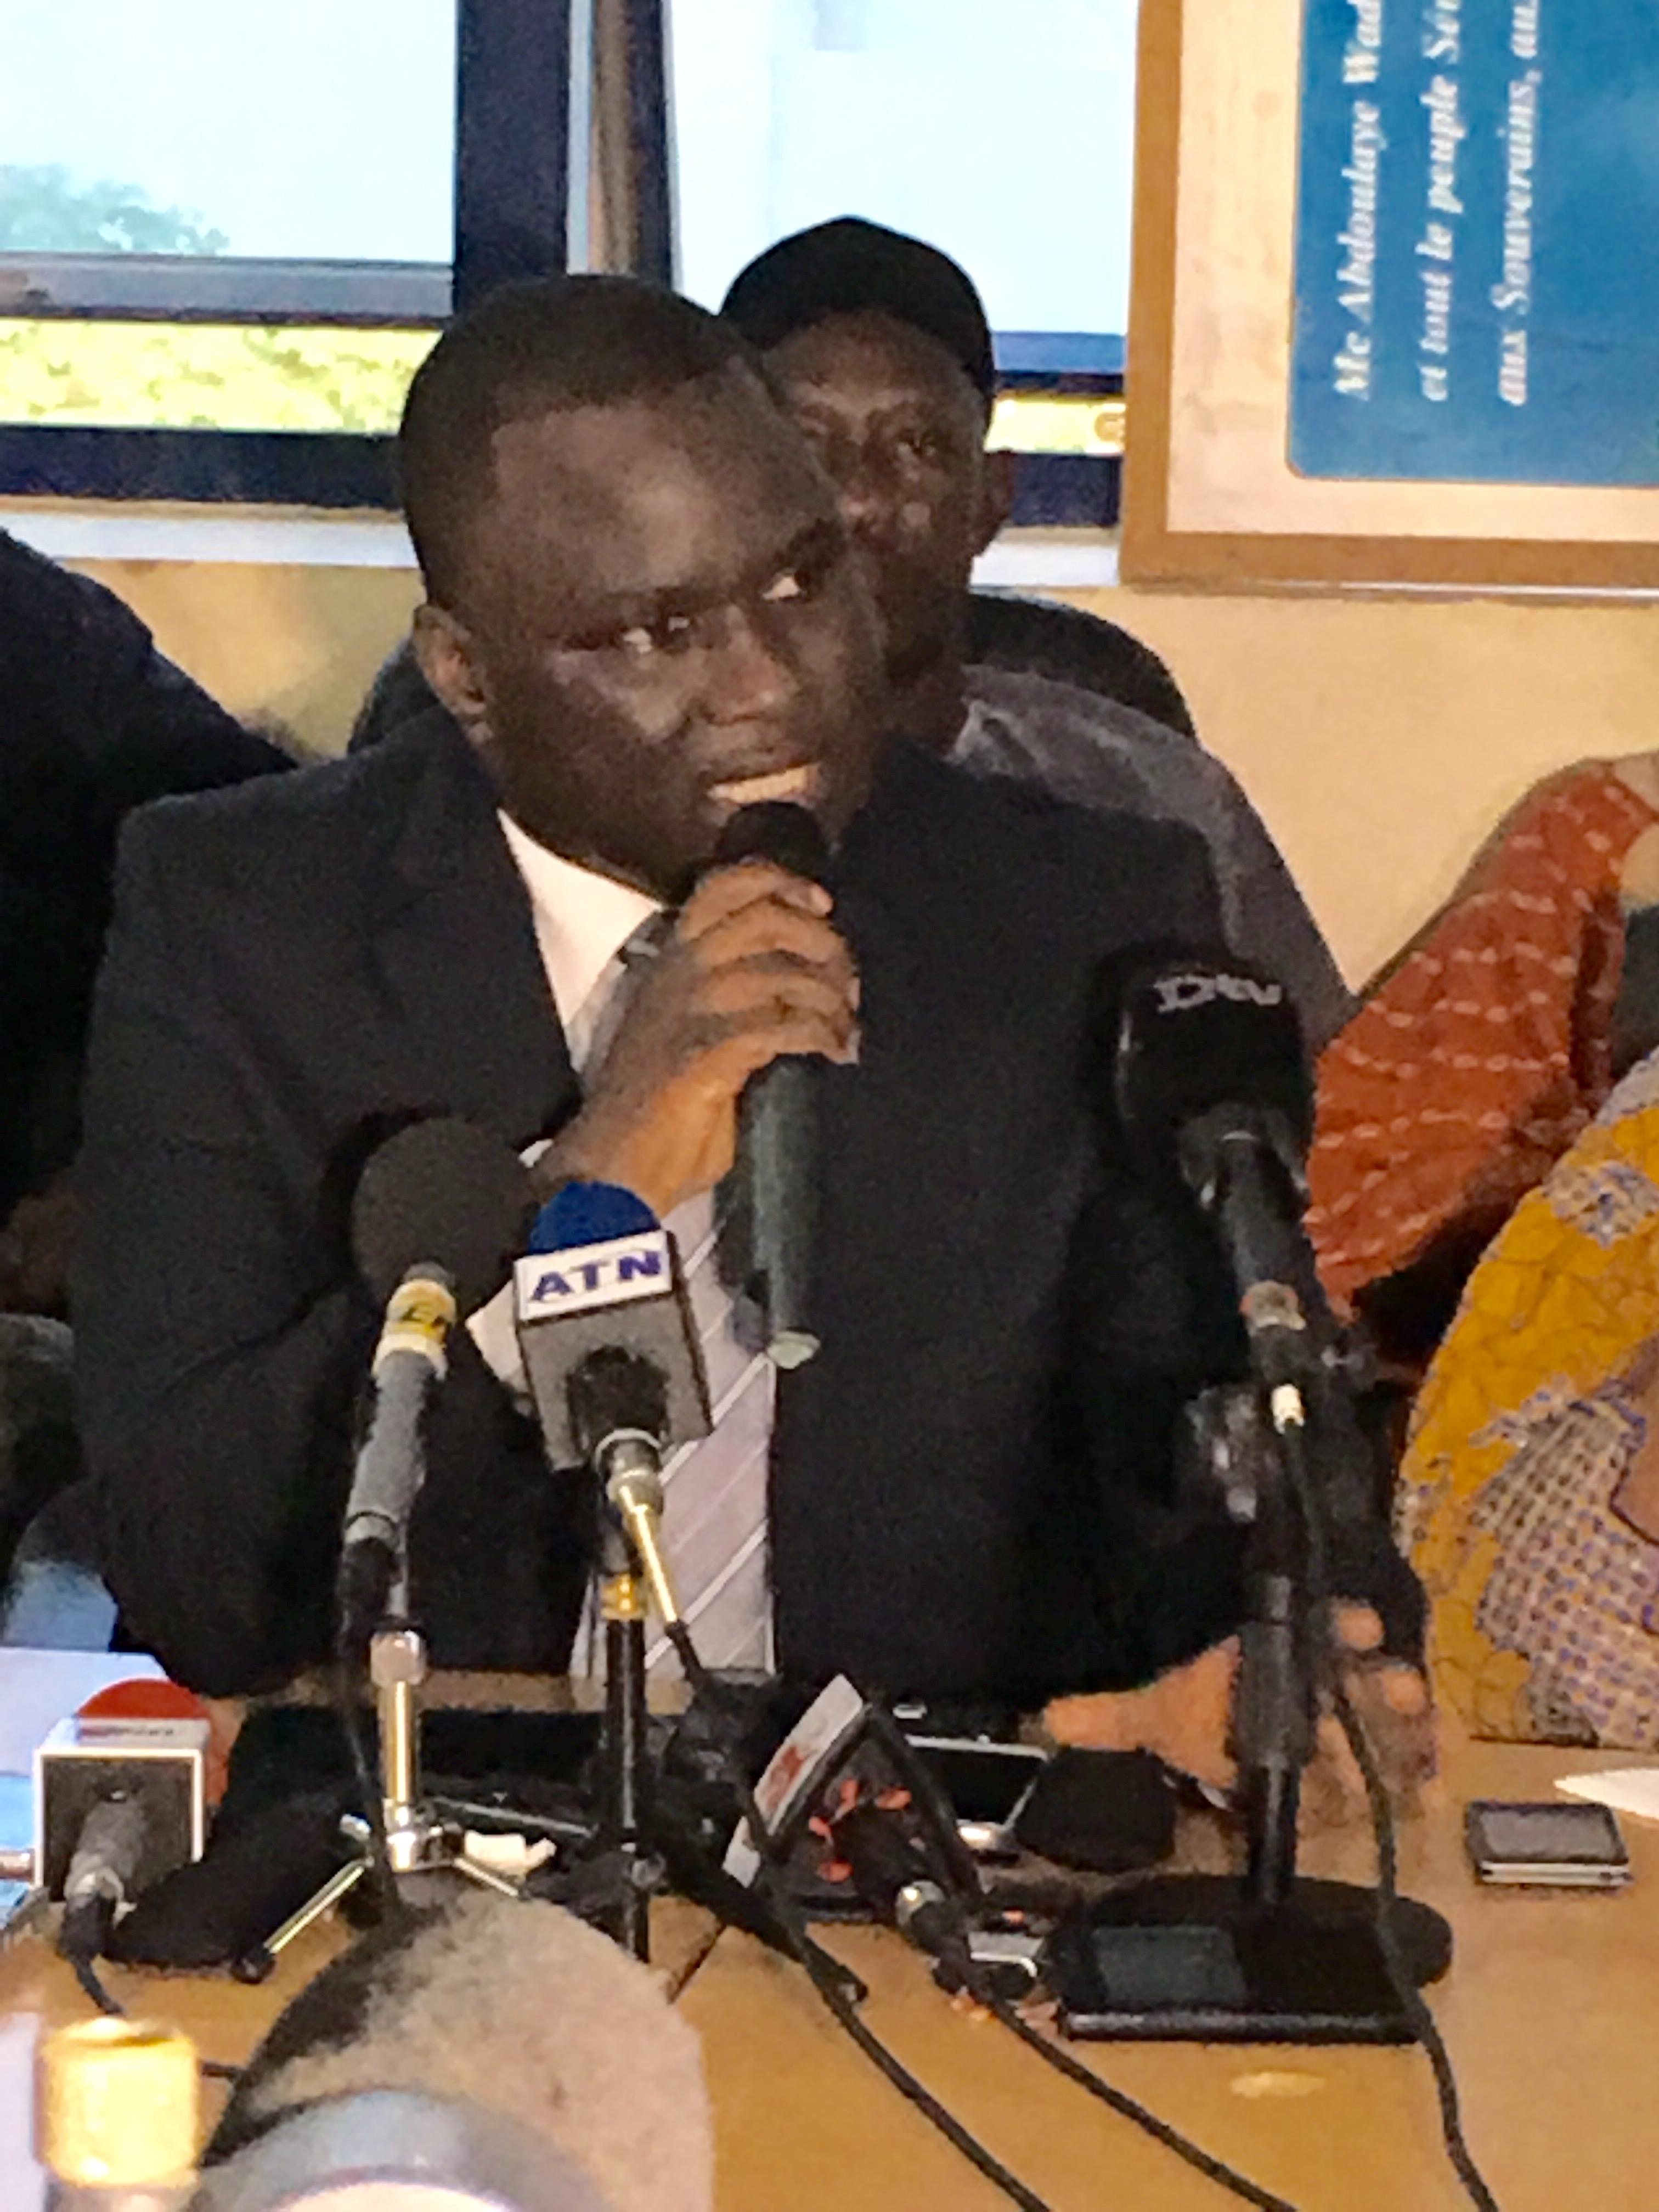 Face à la presse, le numéro 2 de Rewmi, Déthié Fall, rappelle la volonté de l'opposition de s'unir pour combattre Macky Sall